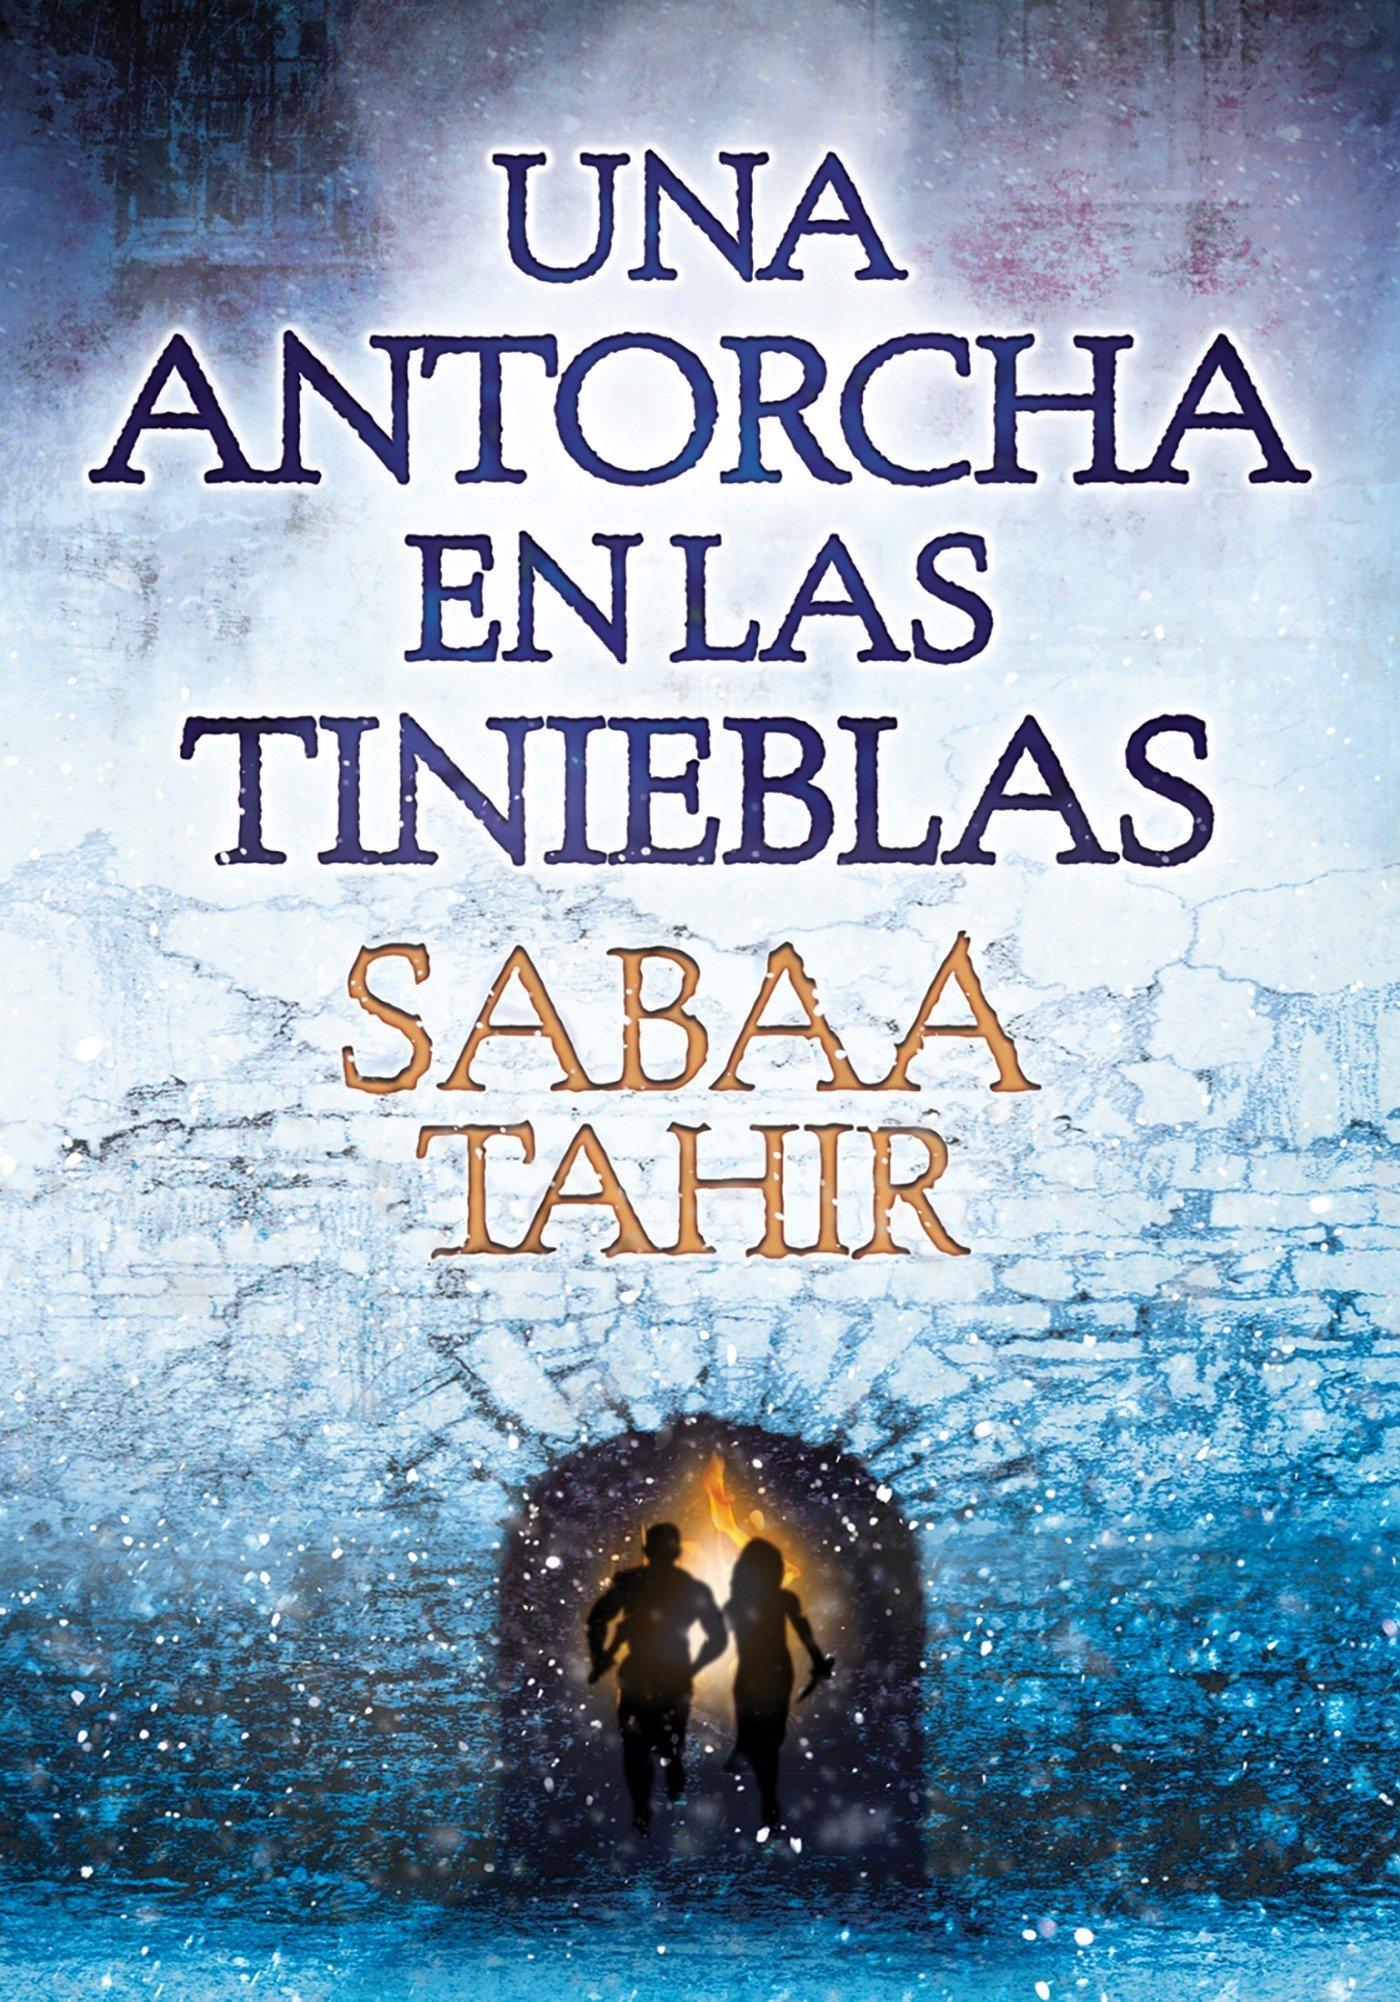 Amazon.com: Una antorcha en las tinieblas / A Torch Against the Night (Una llama entre cenizas / An Ember in the Ashes) (Spanish Edition) (9788490435922): ...